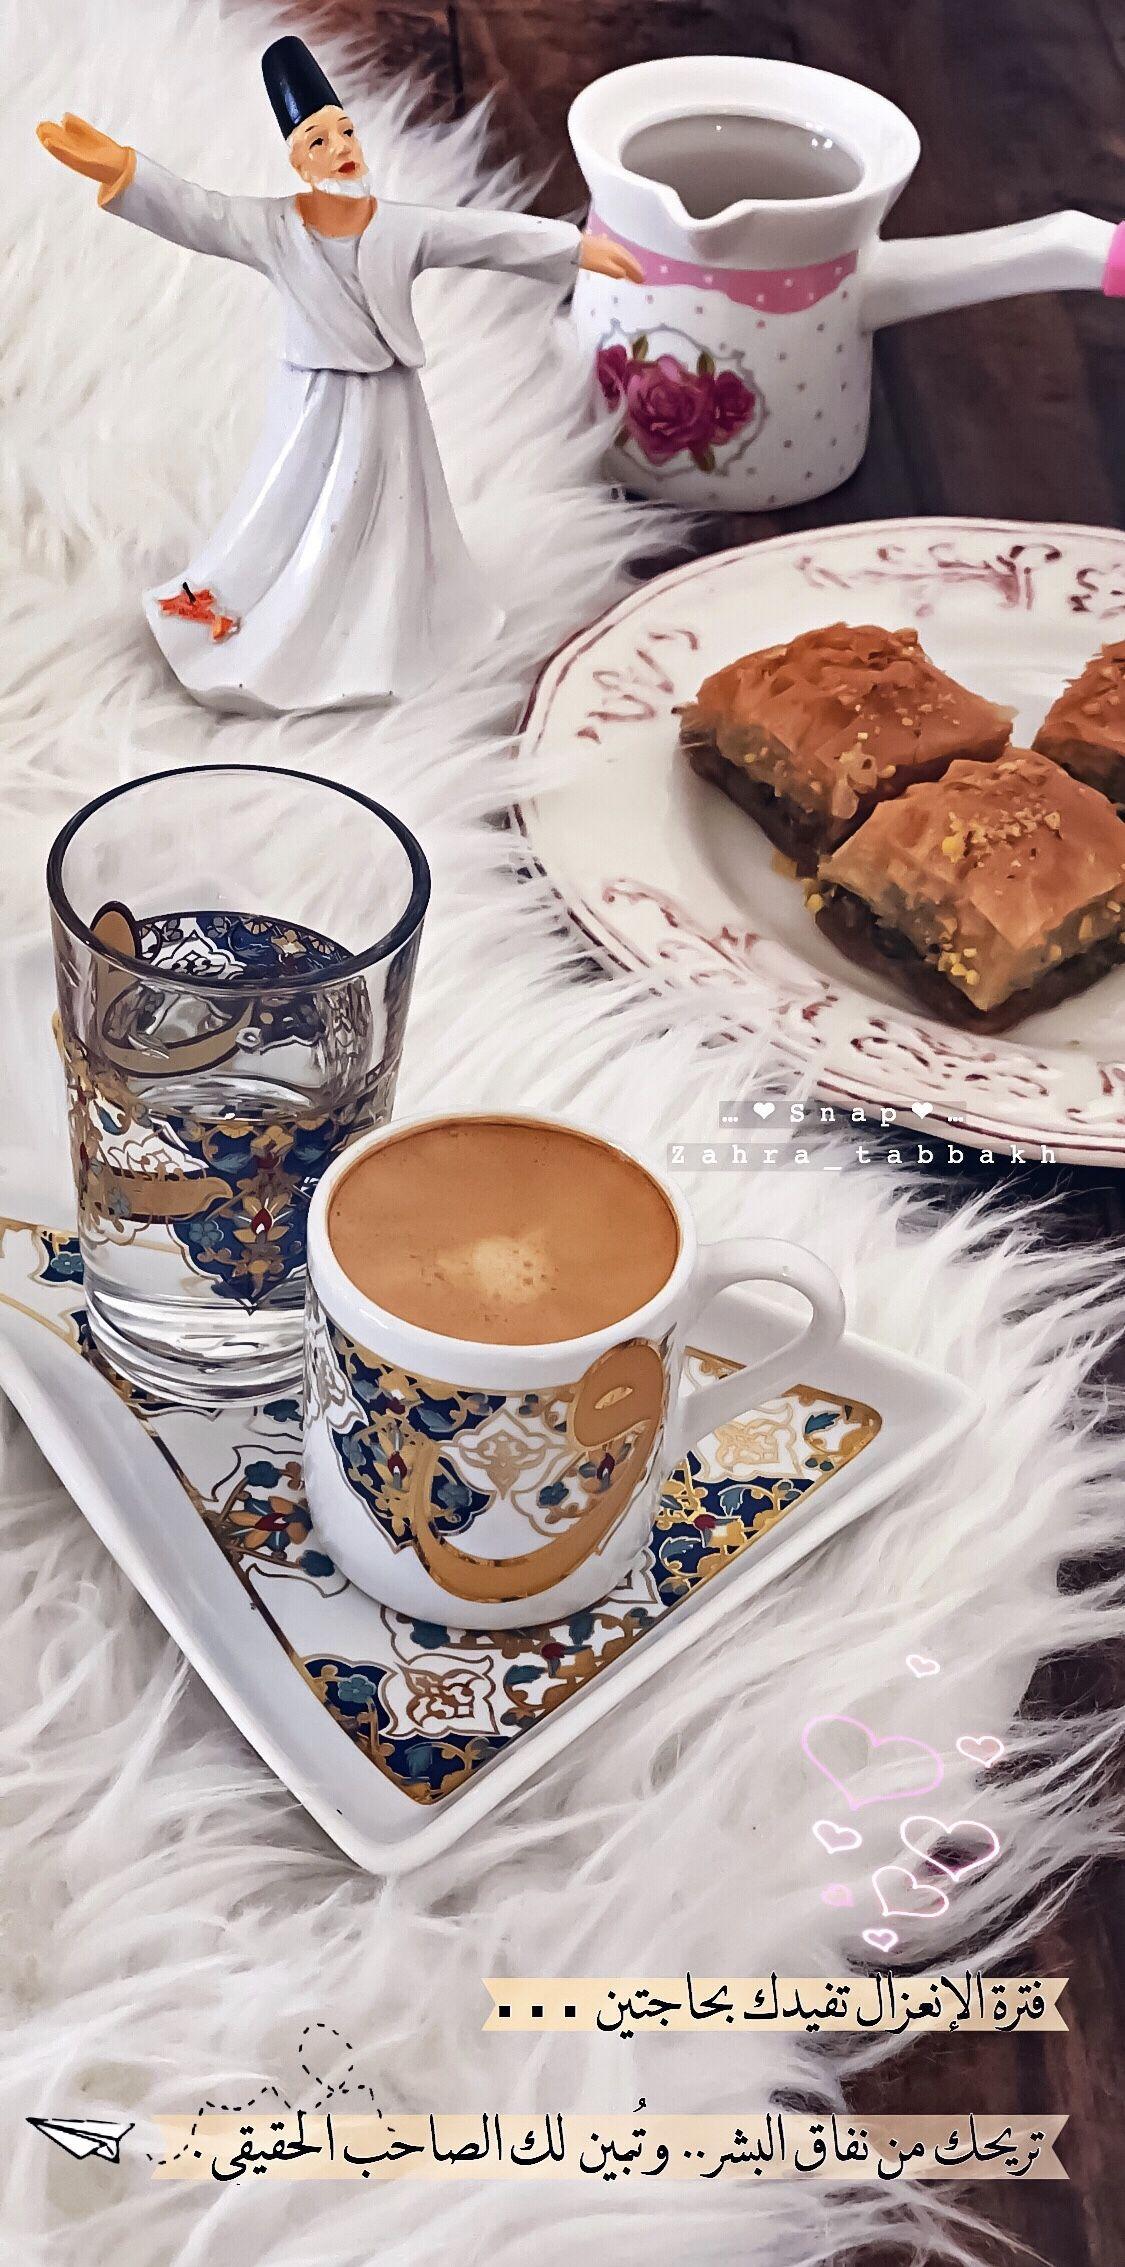 قهوتي قهوة صباحالخير صباحالورد سنابات اقتباسات بيسيات دعاء جمعةمباركة جمعة صباحات صباح سنابي سناب صور ورد خ Snacks Coffee Love Coffee Time